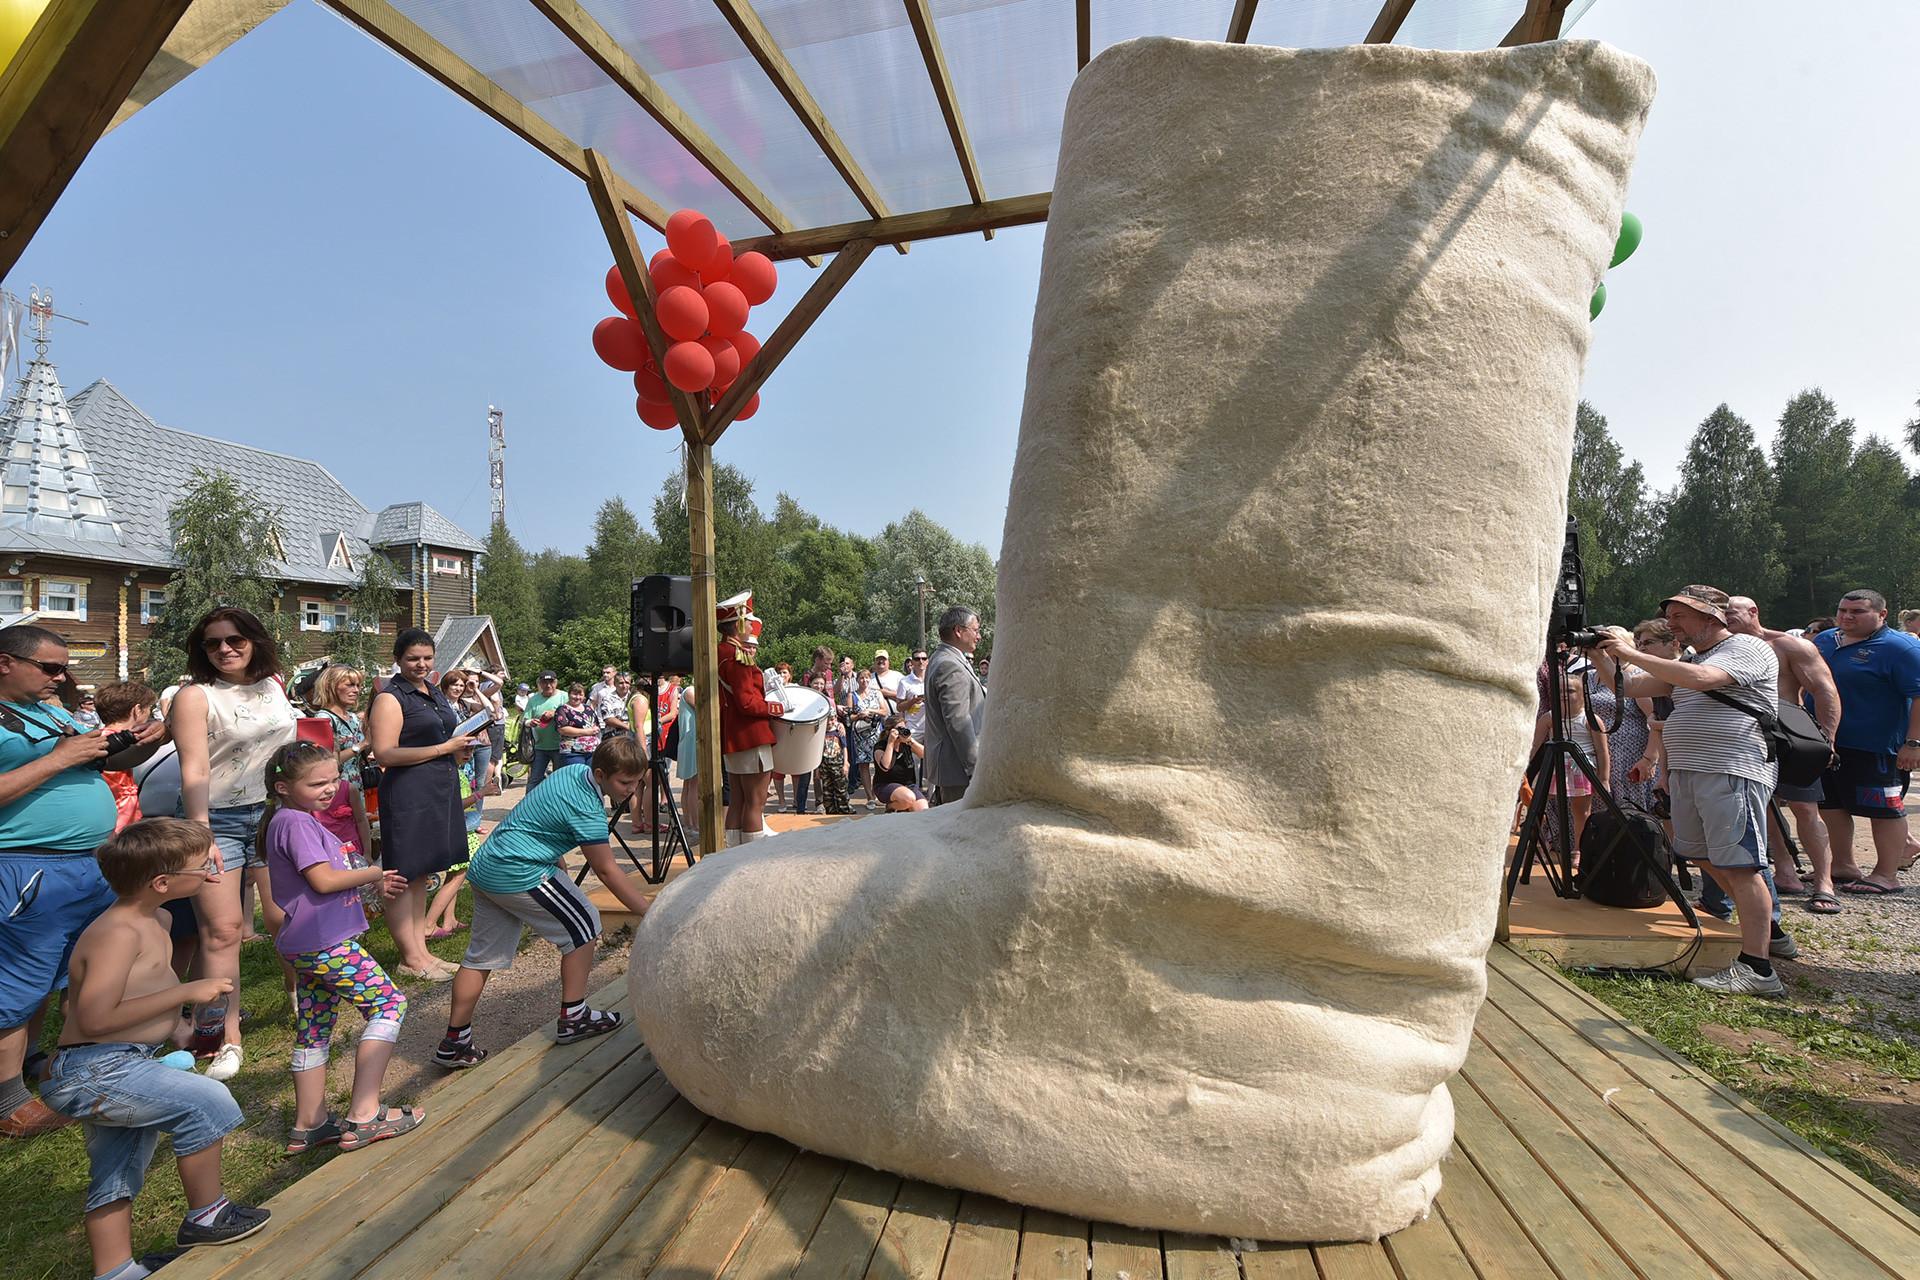 Orang-orang melihat bot valenki raksasa yang dibuat seorang seniman, Valeria Loshak.